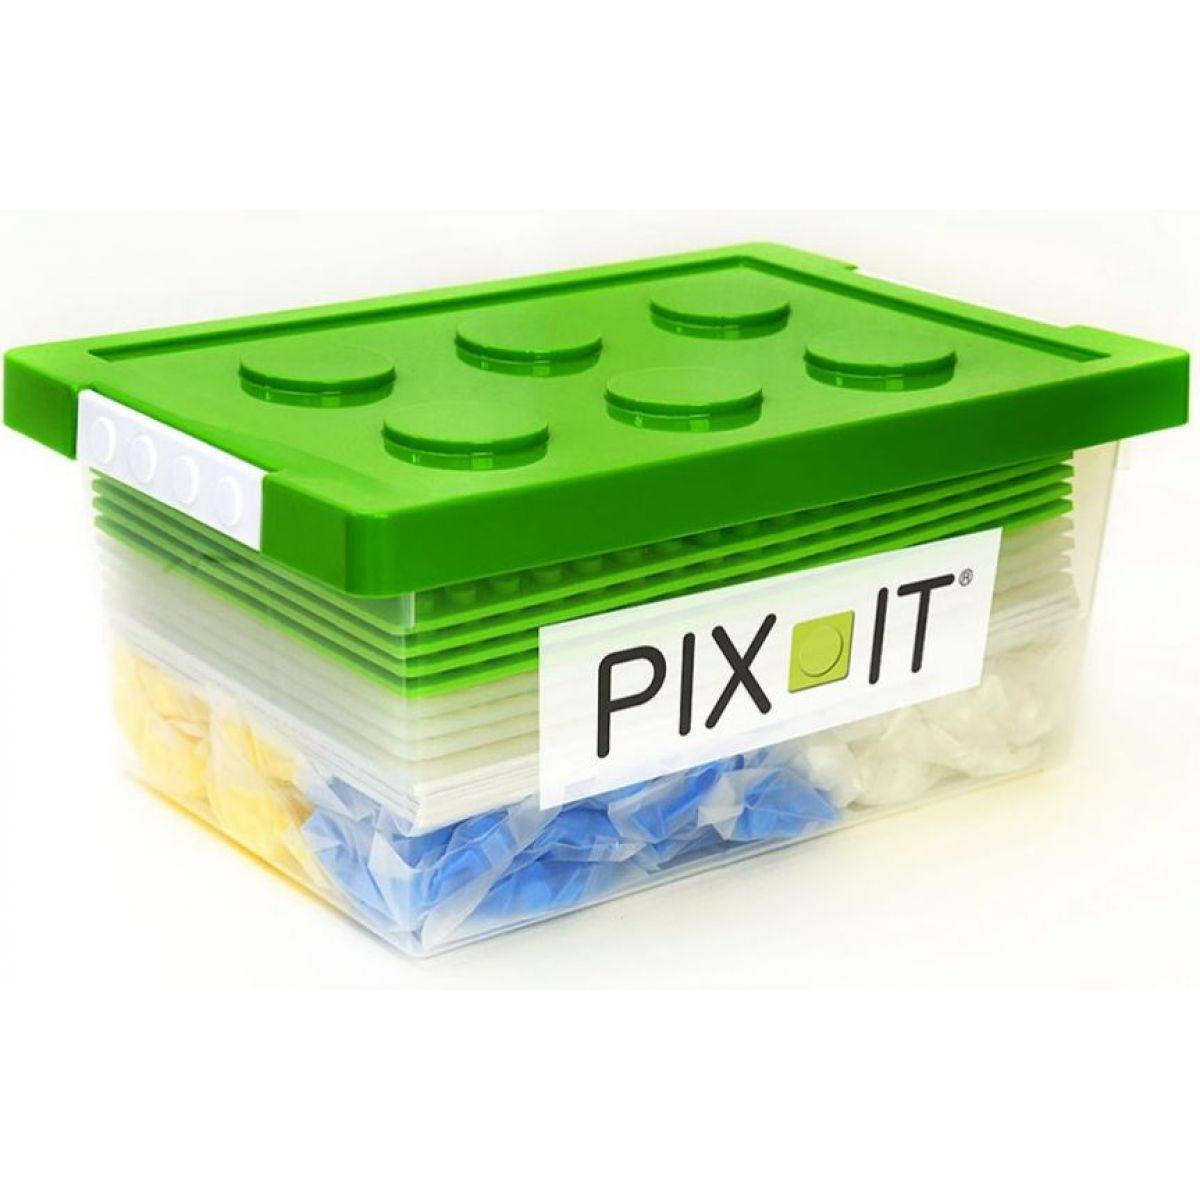 PIX-IT Box pro školy a školky